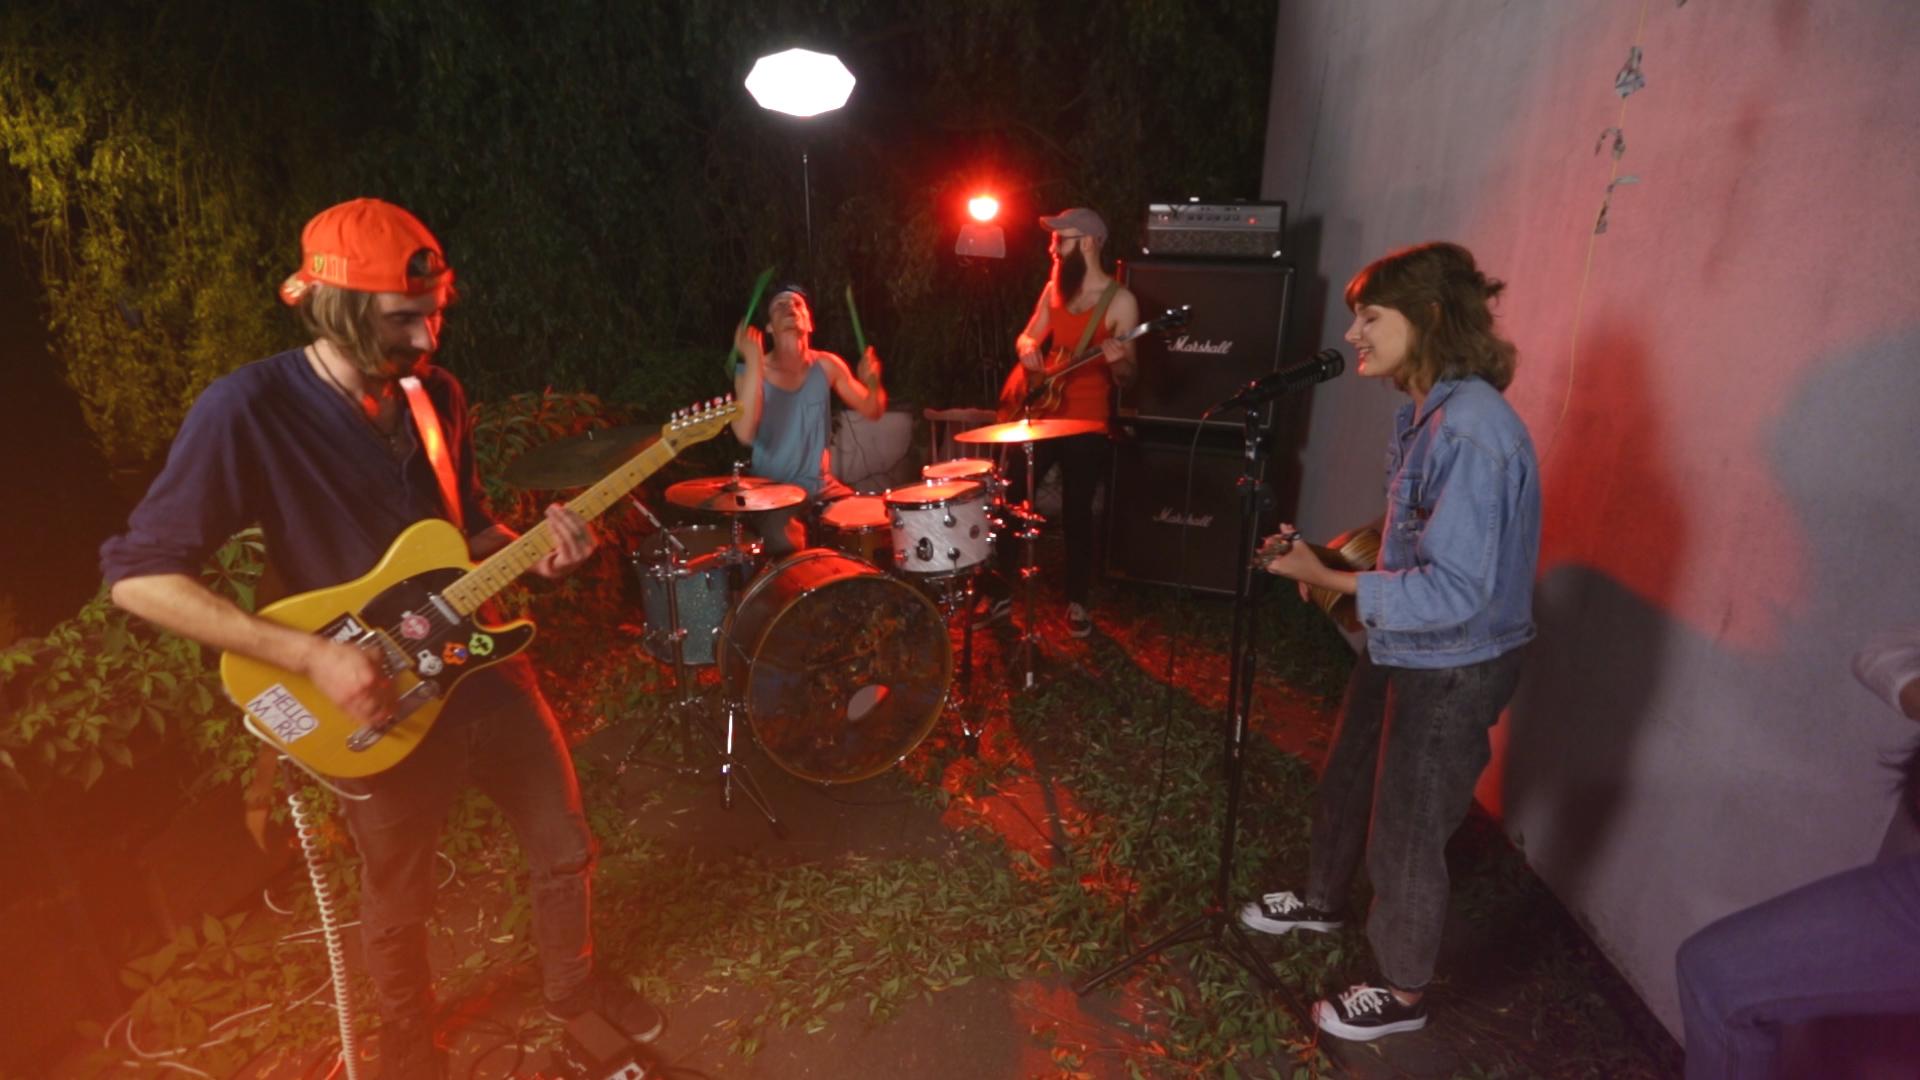 Na zdjęciu widac wieczorne jam session zespolu, w ktorym wokalistka jest dziewczyna a oswietla ich czerwone swiatlo